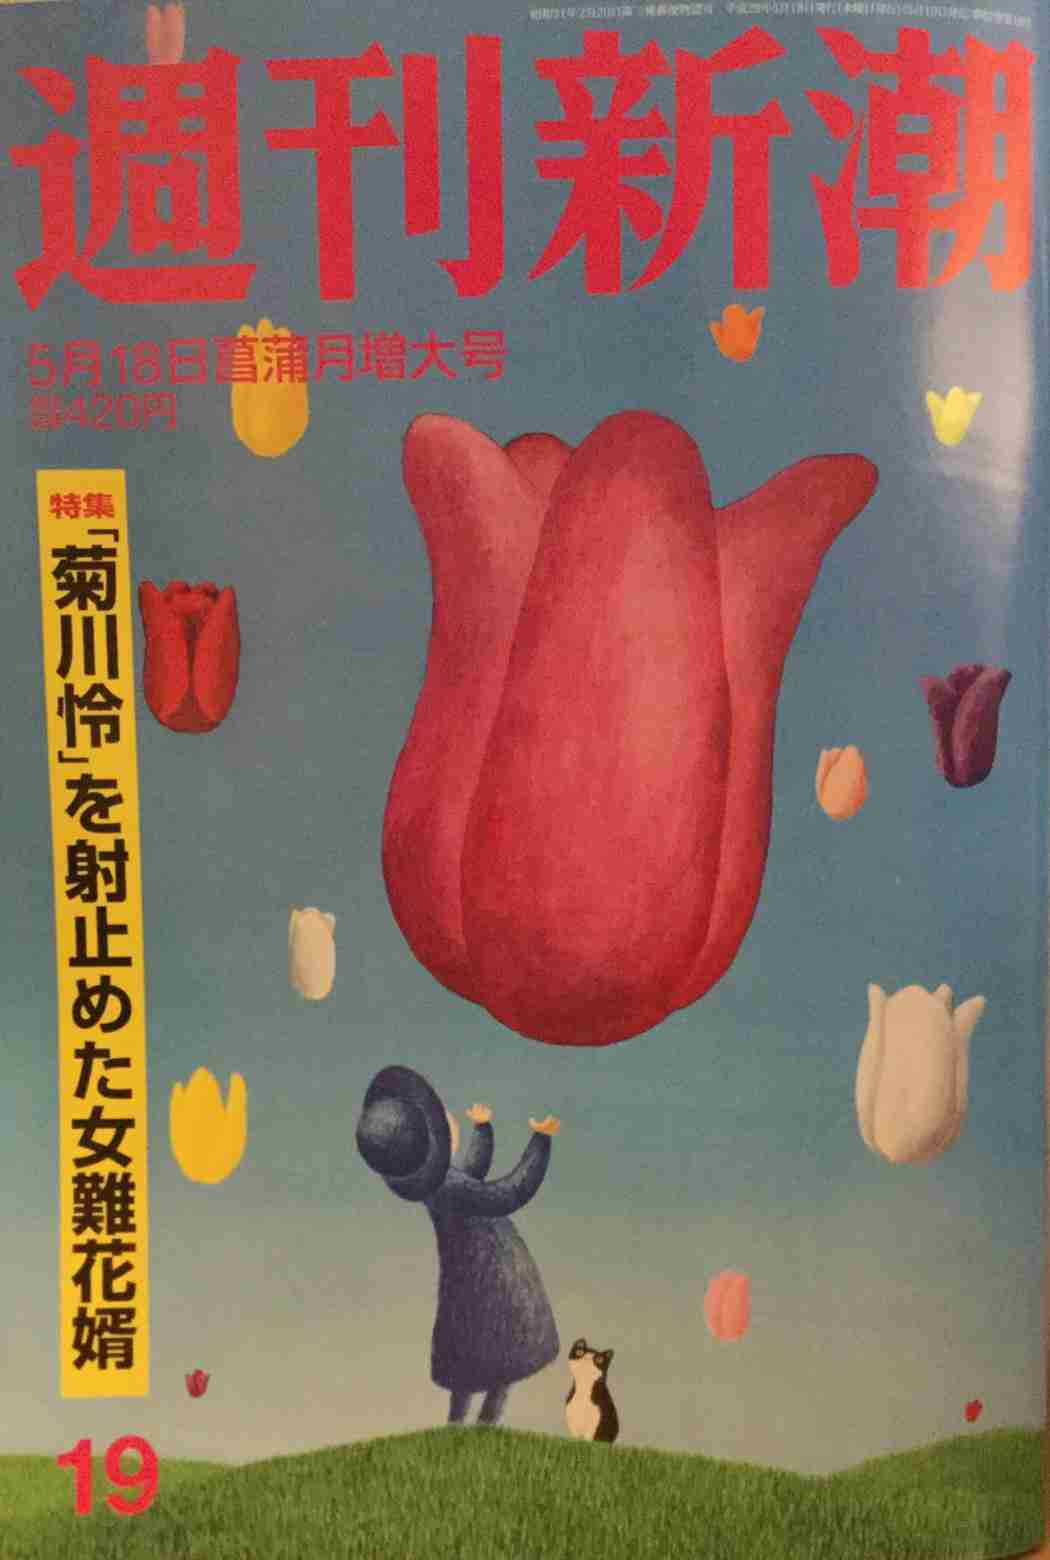 「週刊新潮」掲載のピースワンコ・ジャパンの記事について | 杉本彩オフィシャルブログ 杉本彩のBeauty ブログ Powered by Ameba